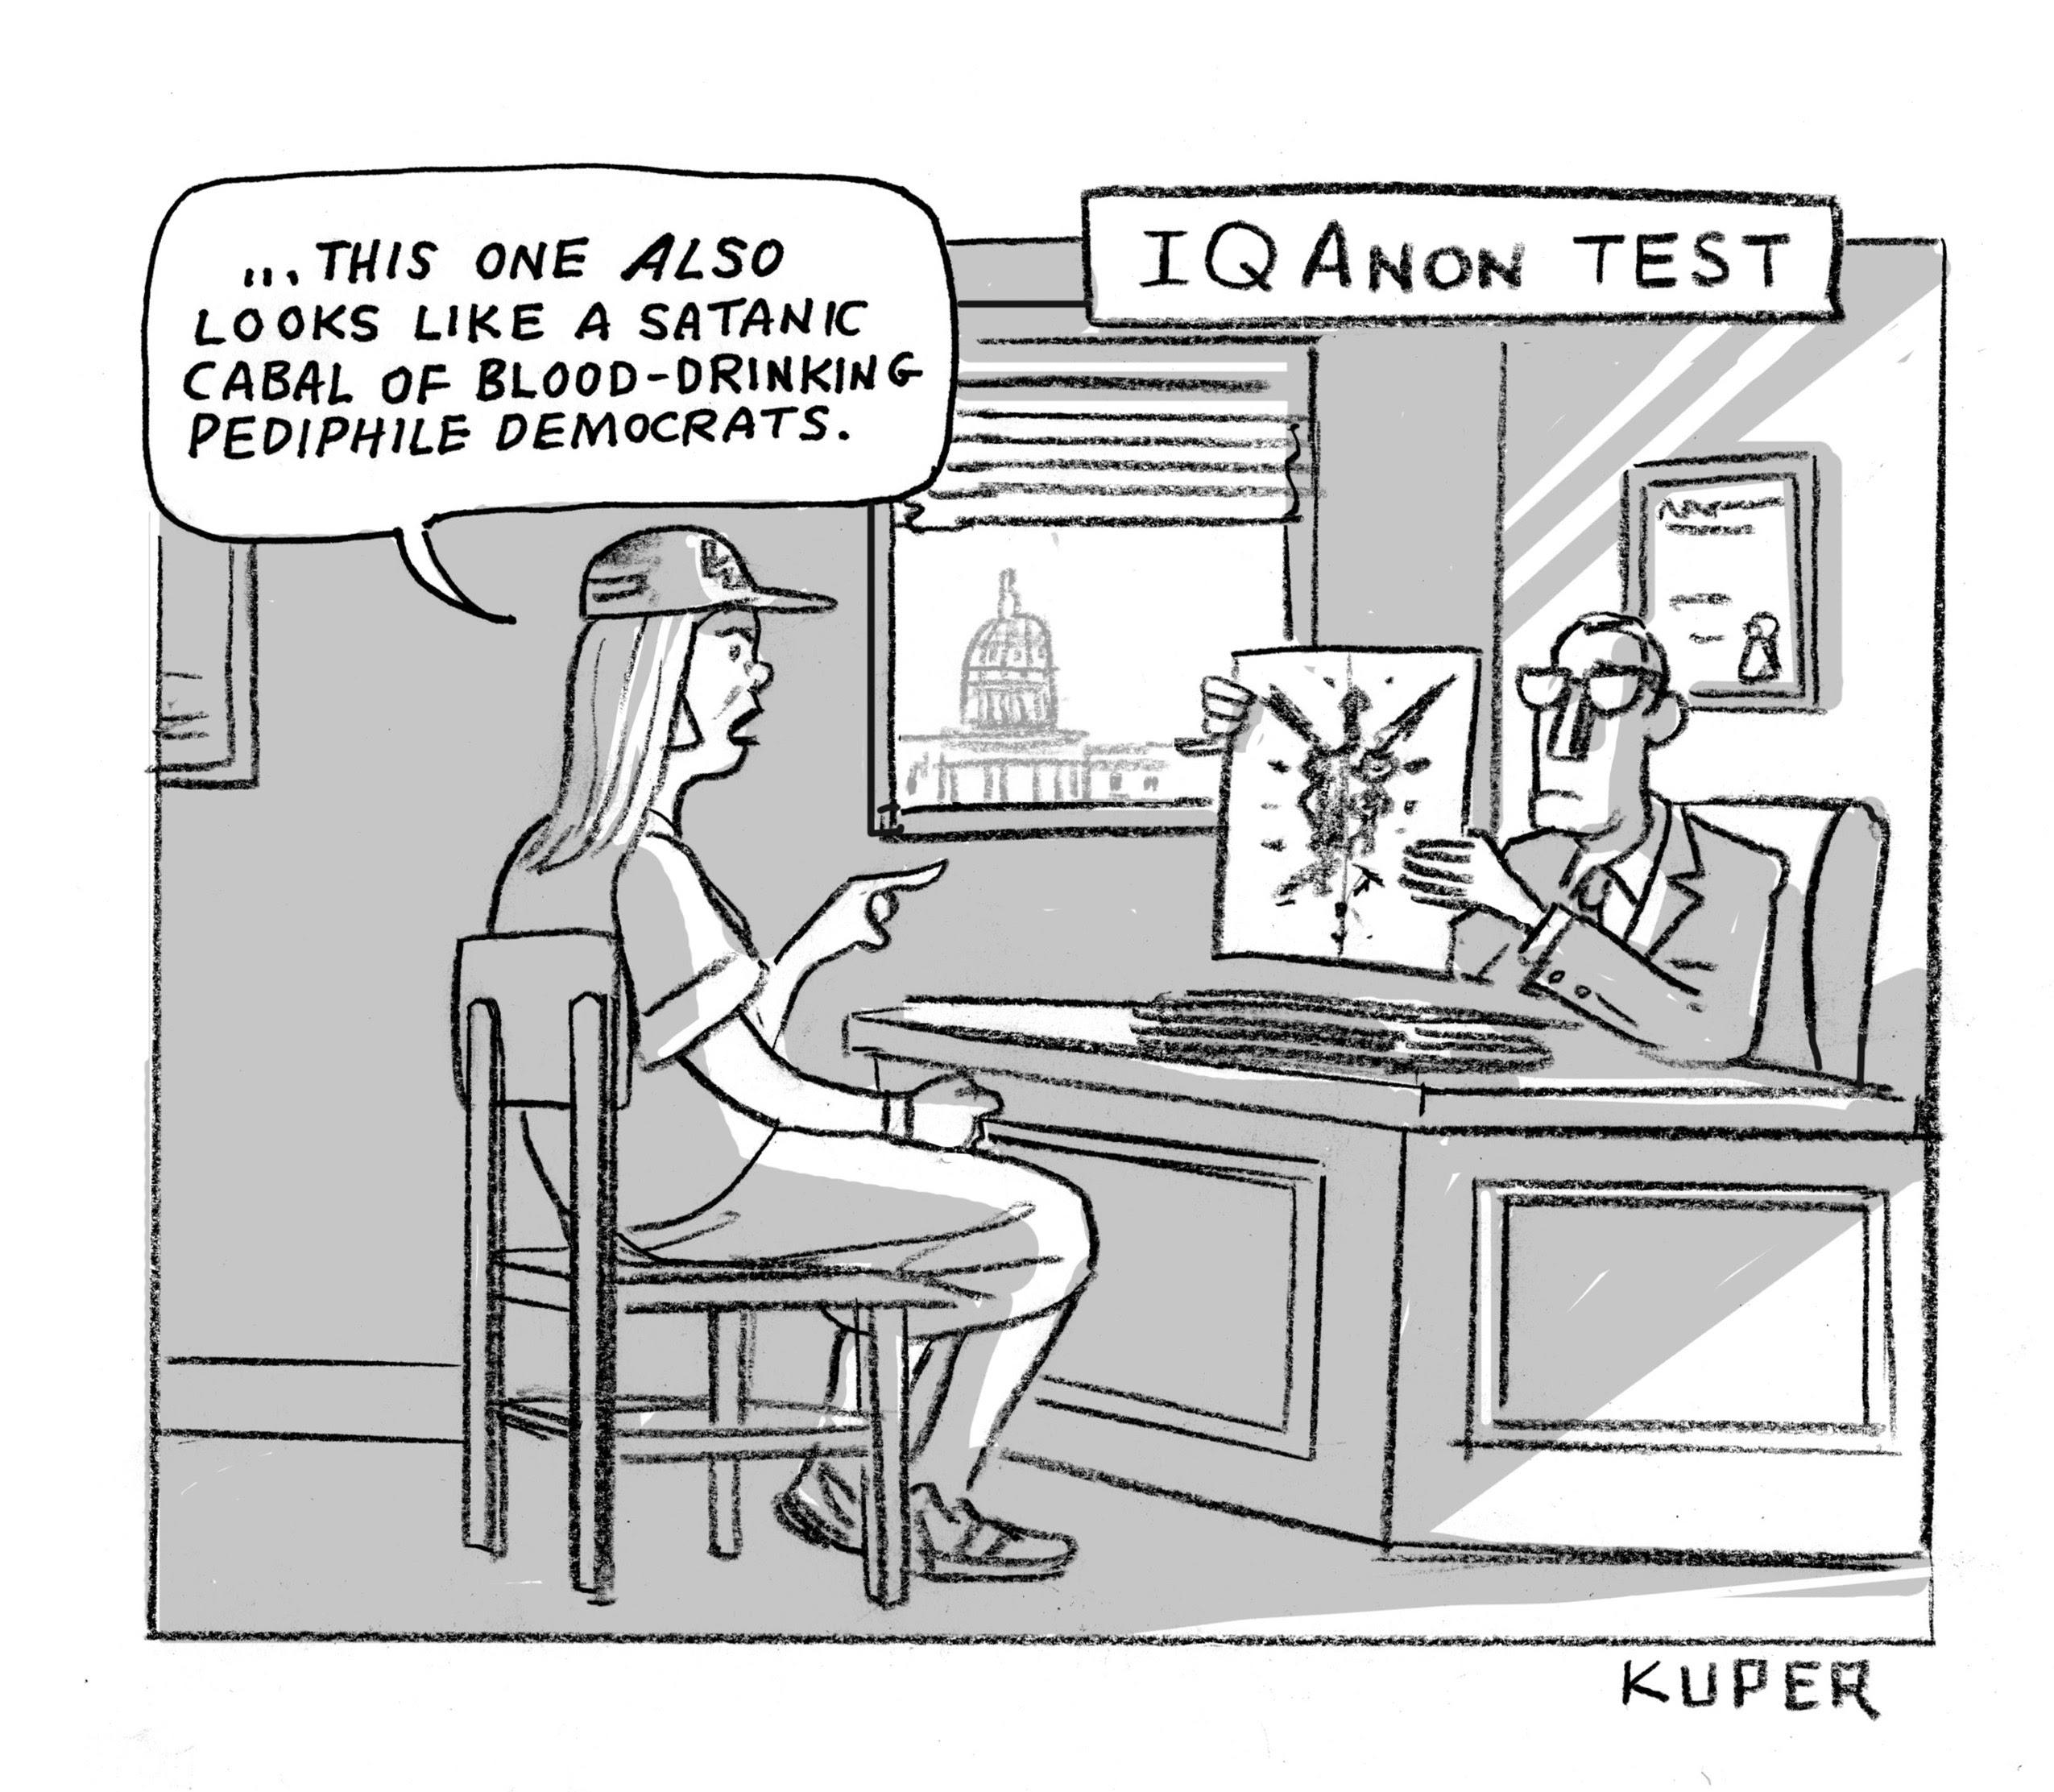 I Q Anon Test - Peter Kuper